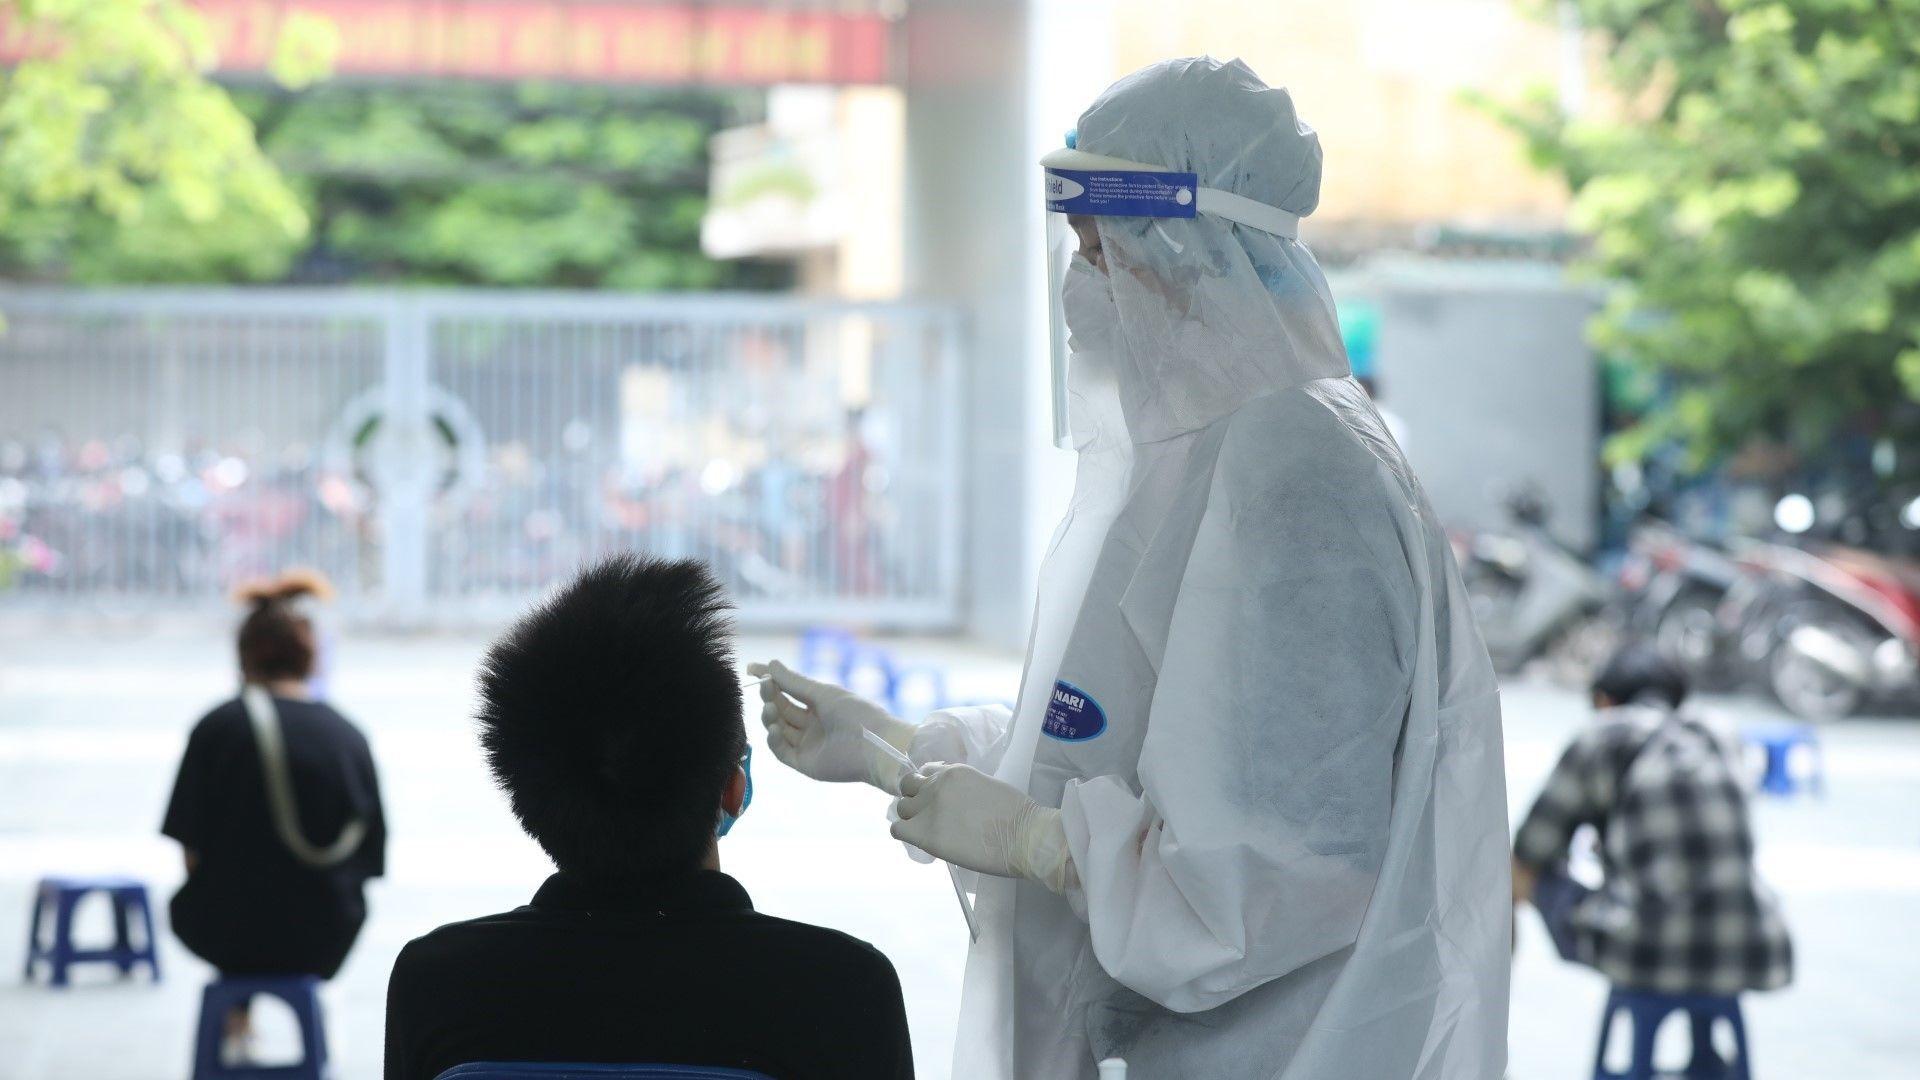 Nhân viên y tế lấy mẫu xét nghiệm cho người dân phường Yên Hoà (Cầu Giấy)  - Sputnik Việt Nam, 1920, 21.09.2021